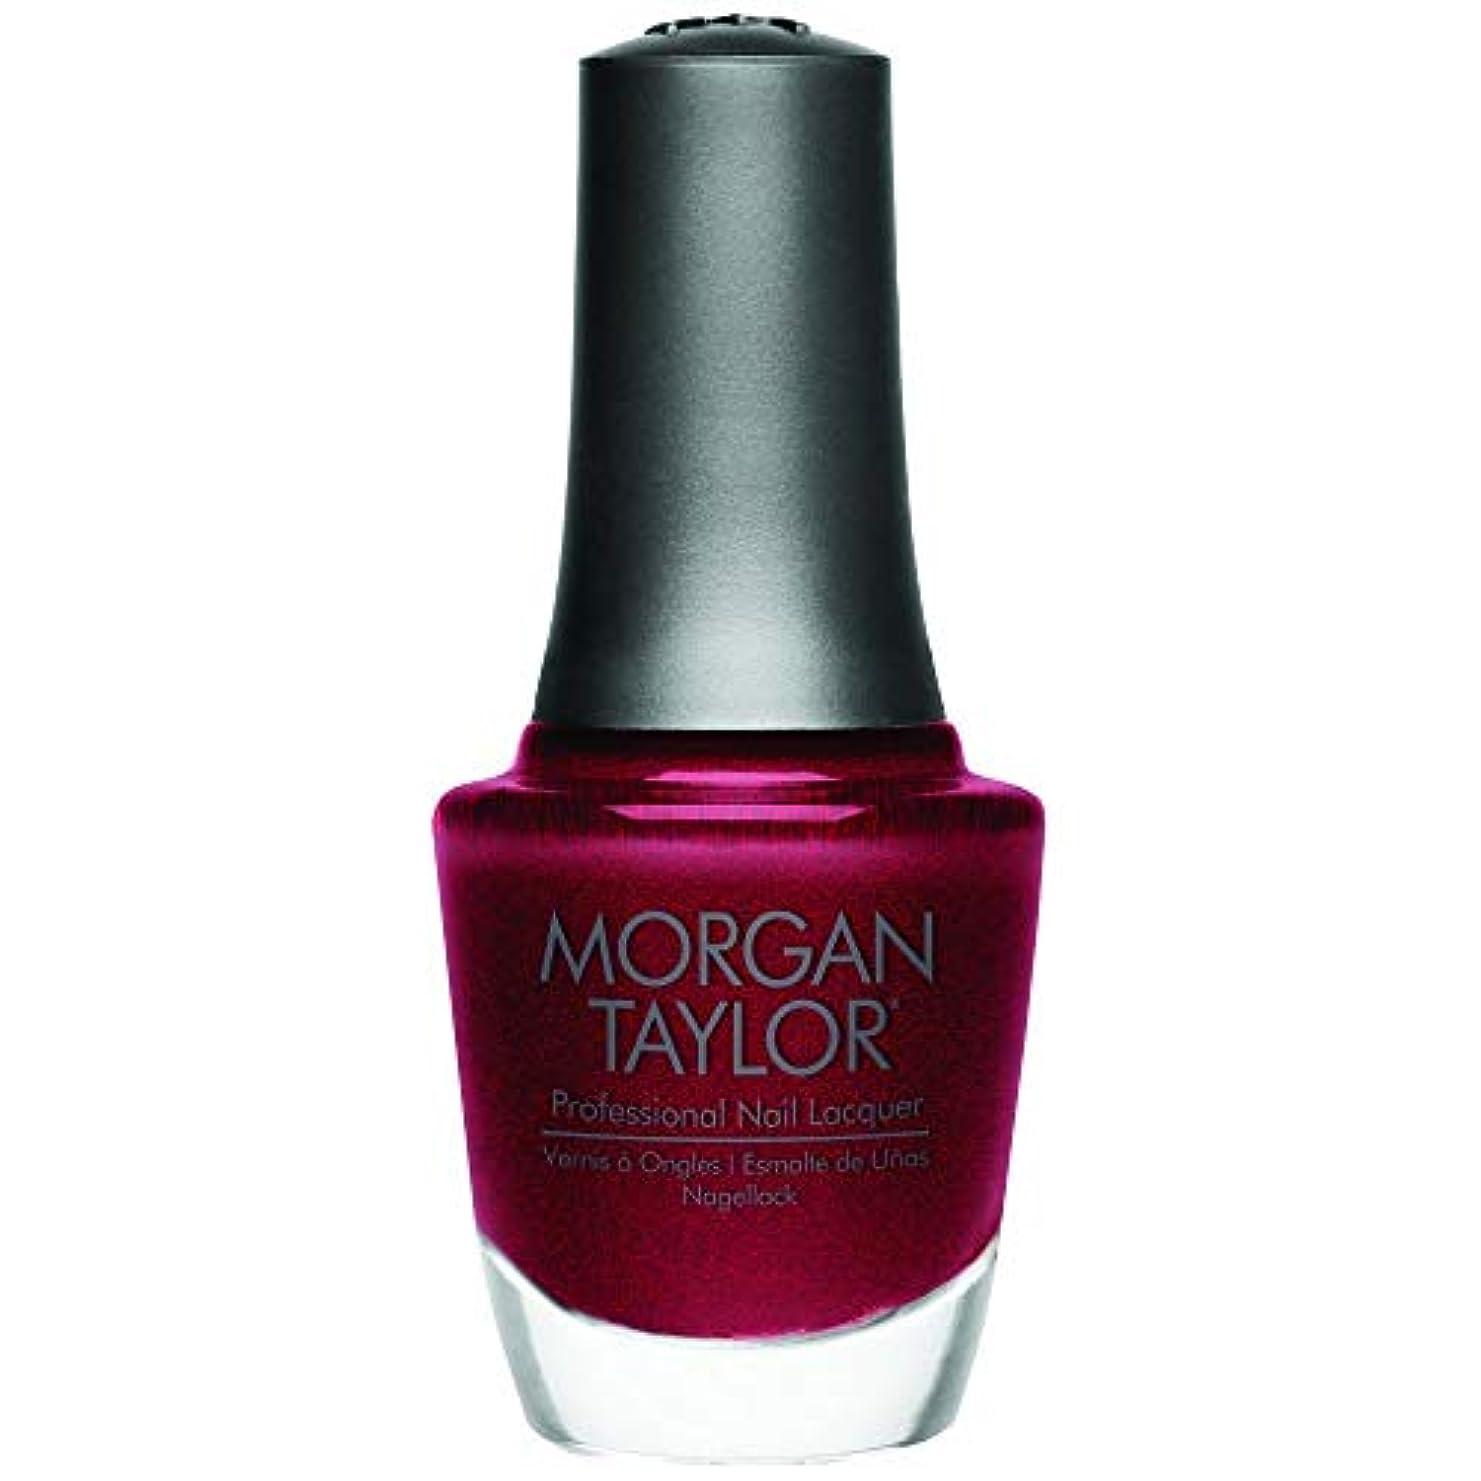 スチュワード彫る消去Morgan Taylor - Professional Nail Lacquer - I'm So Hot - 15 mL / 0.5oz